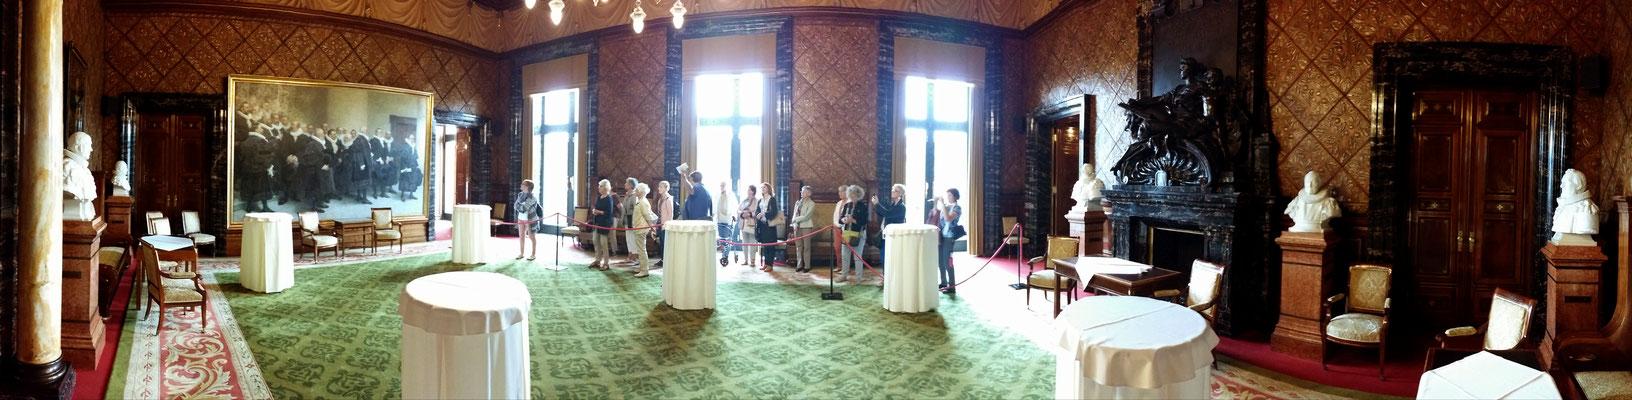 Bürgermeistersaal